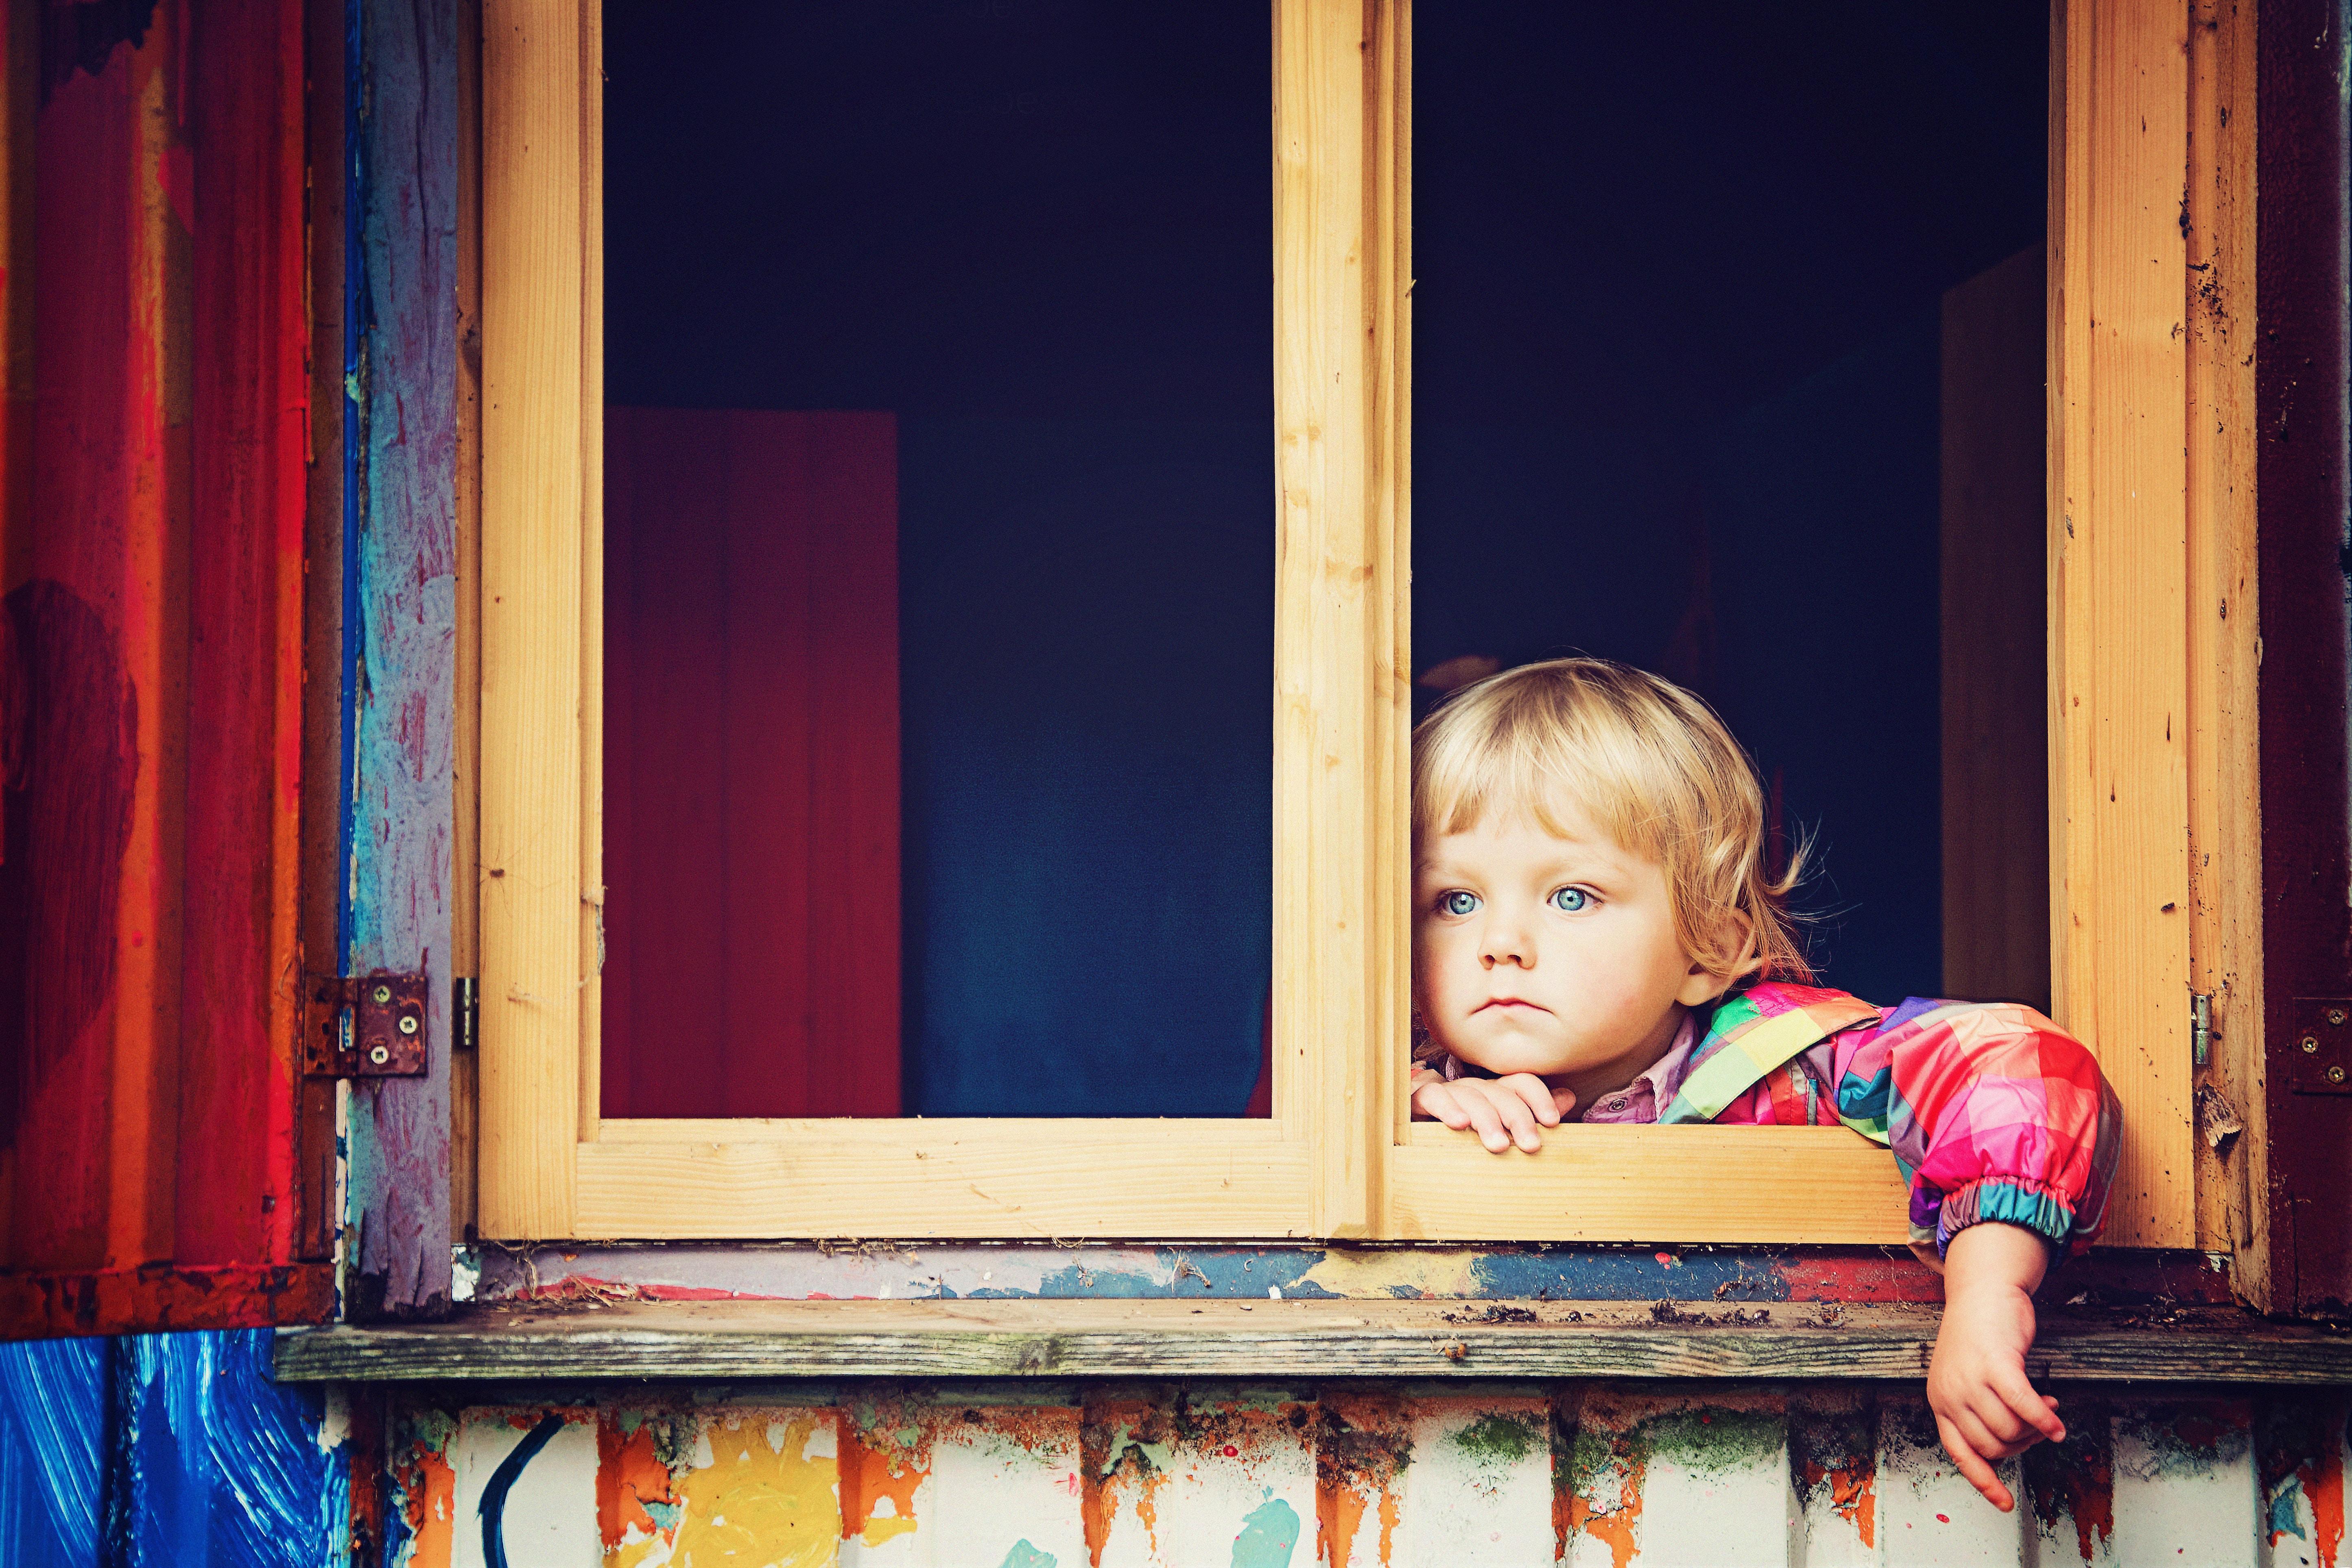 窓から外をみる少年